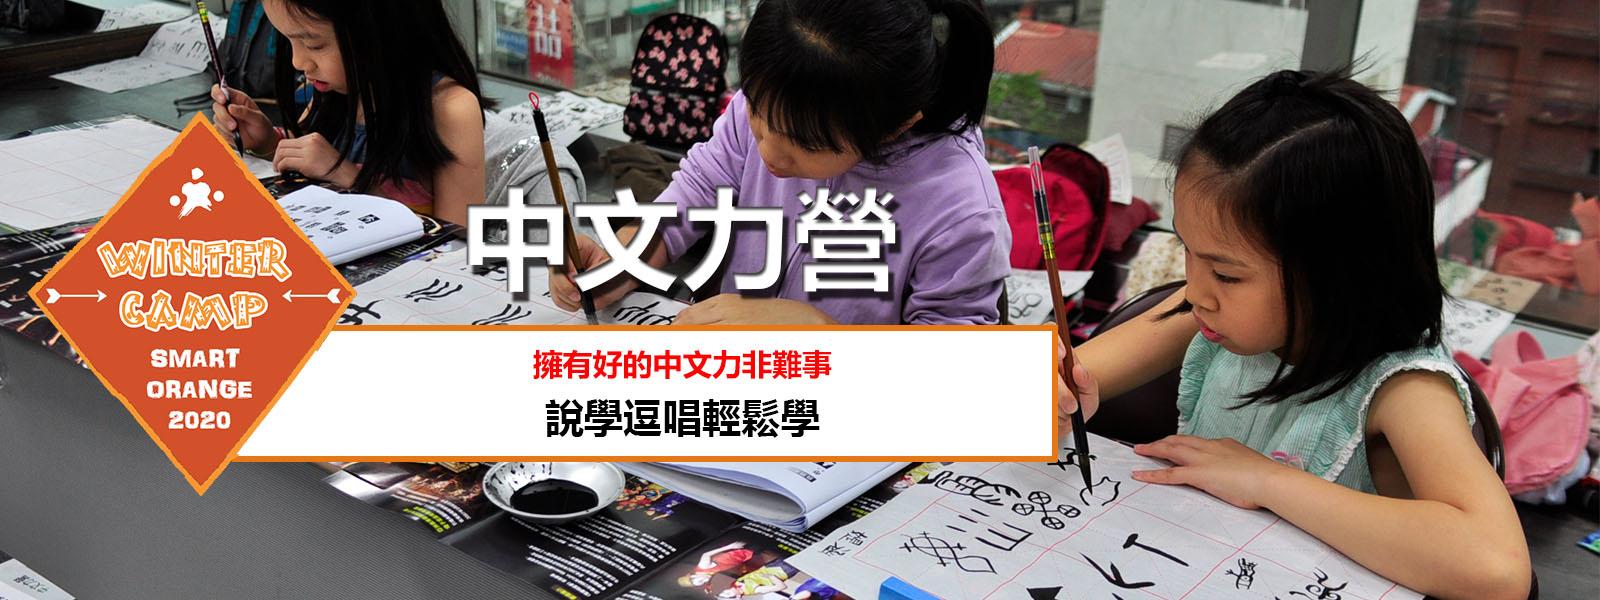 ★ 橙智2020 加開2/11-14 中文力營